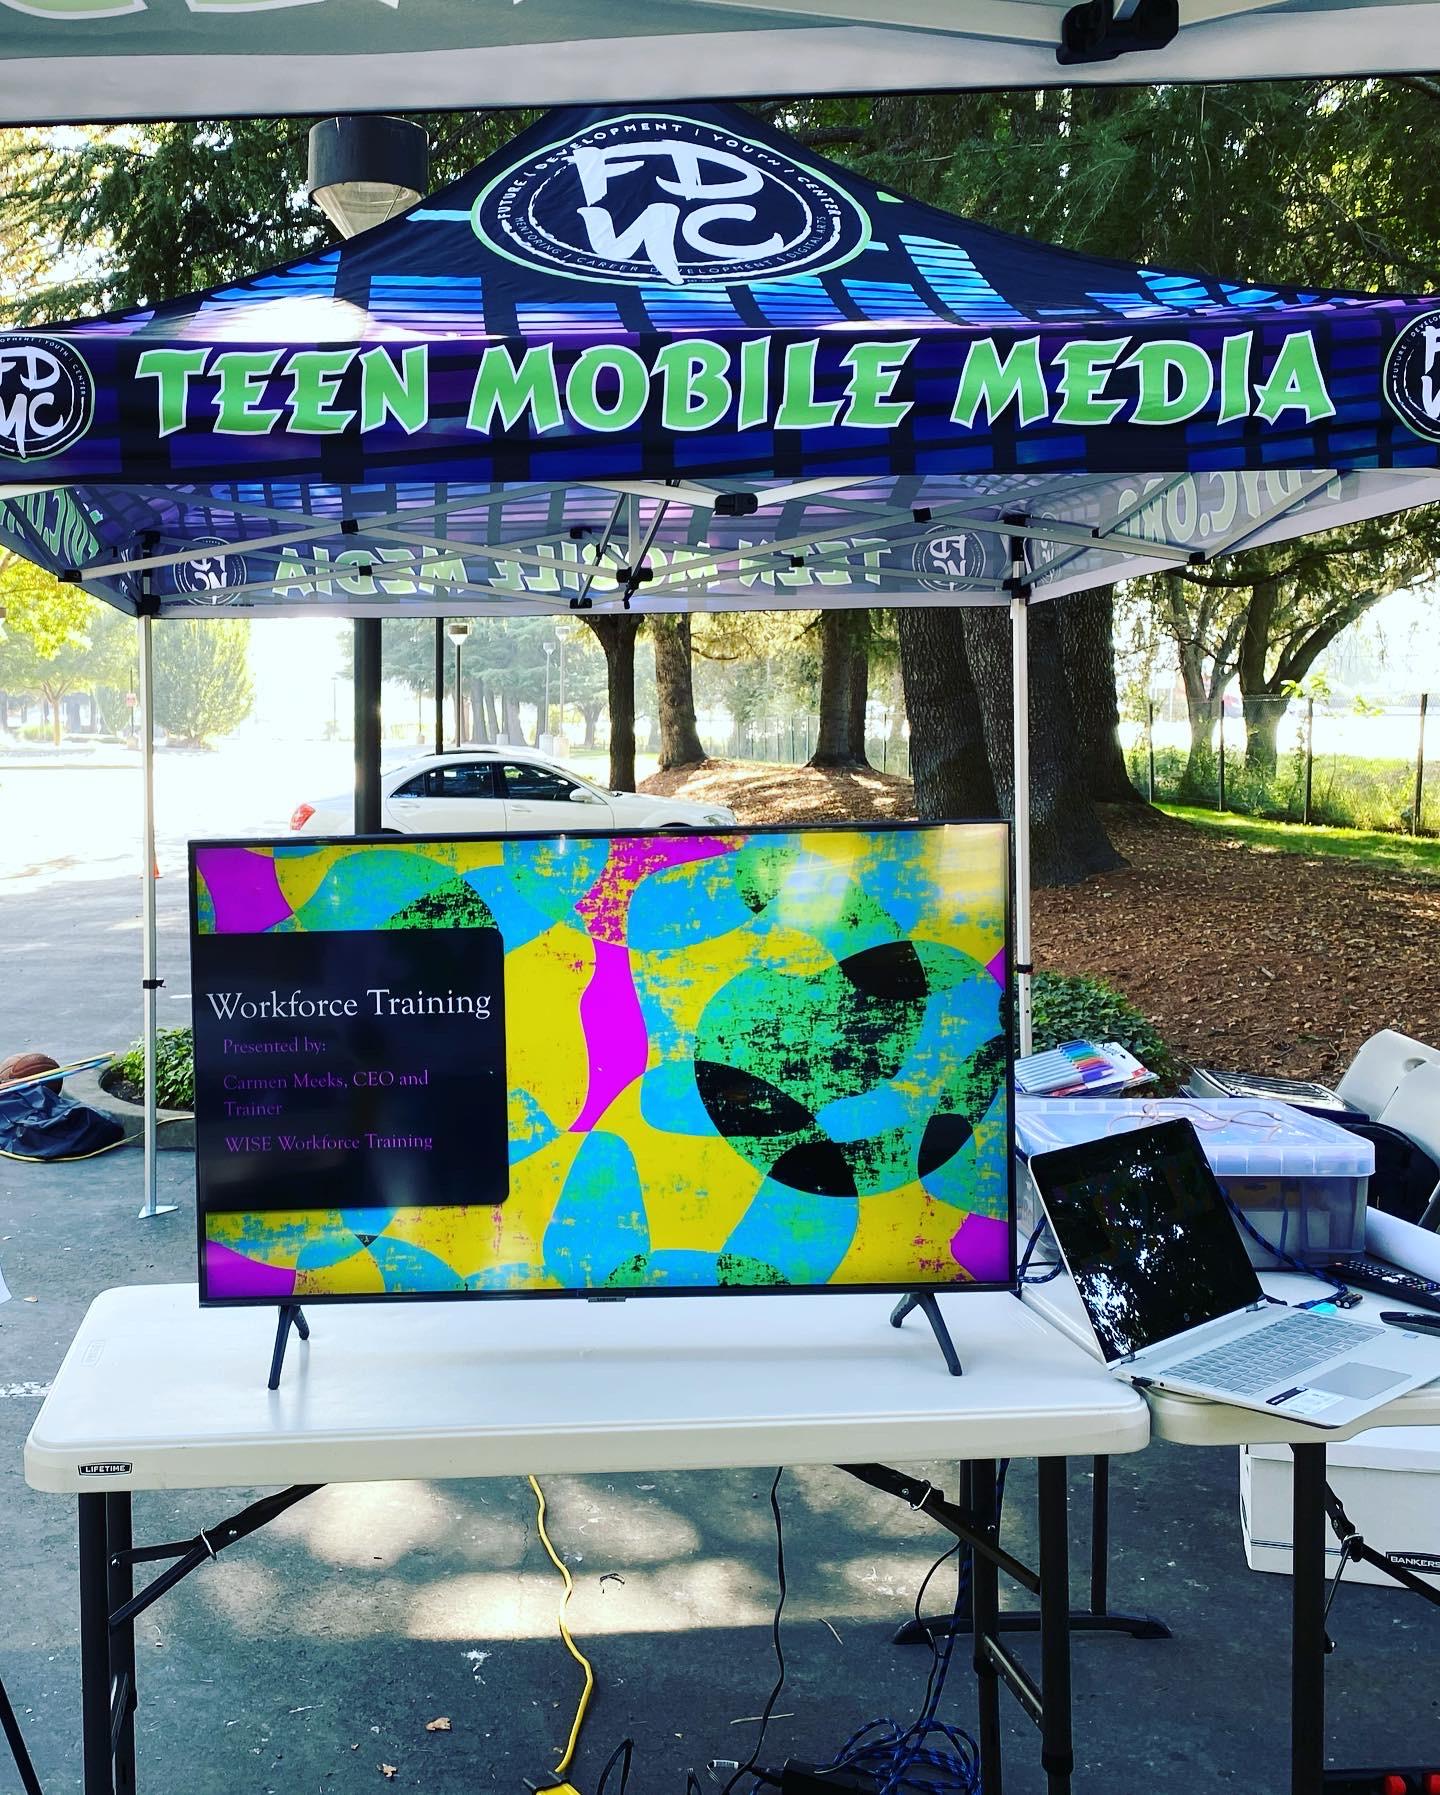 TEEN MOBILE MEDIA BUS